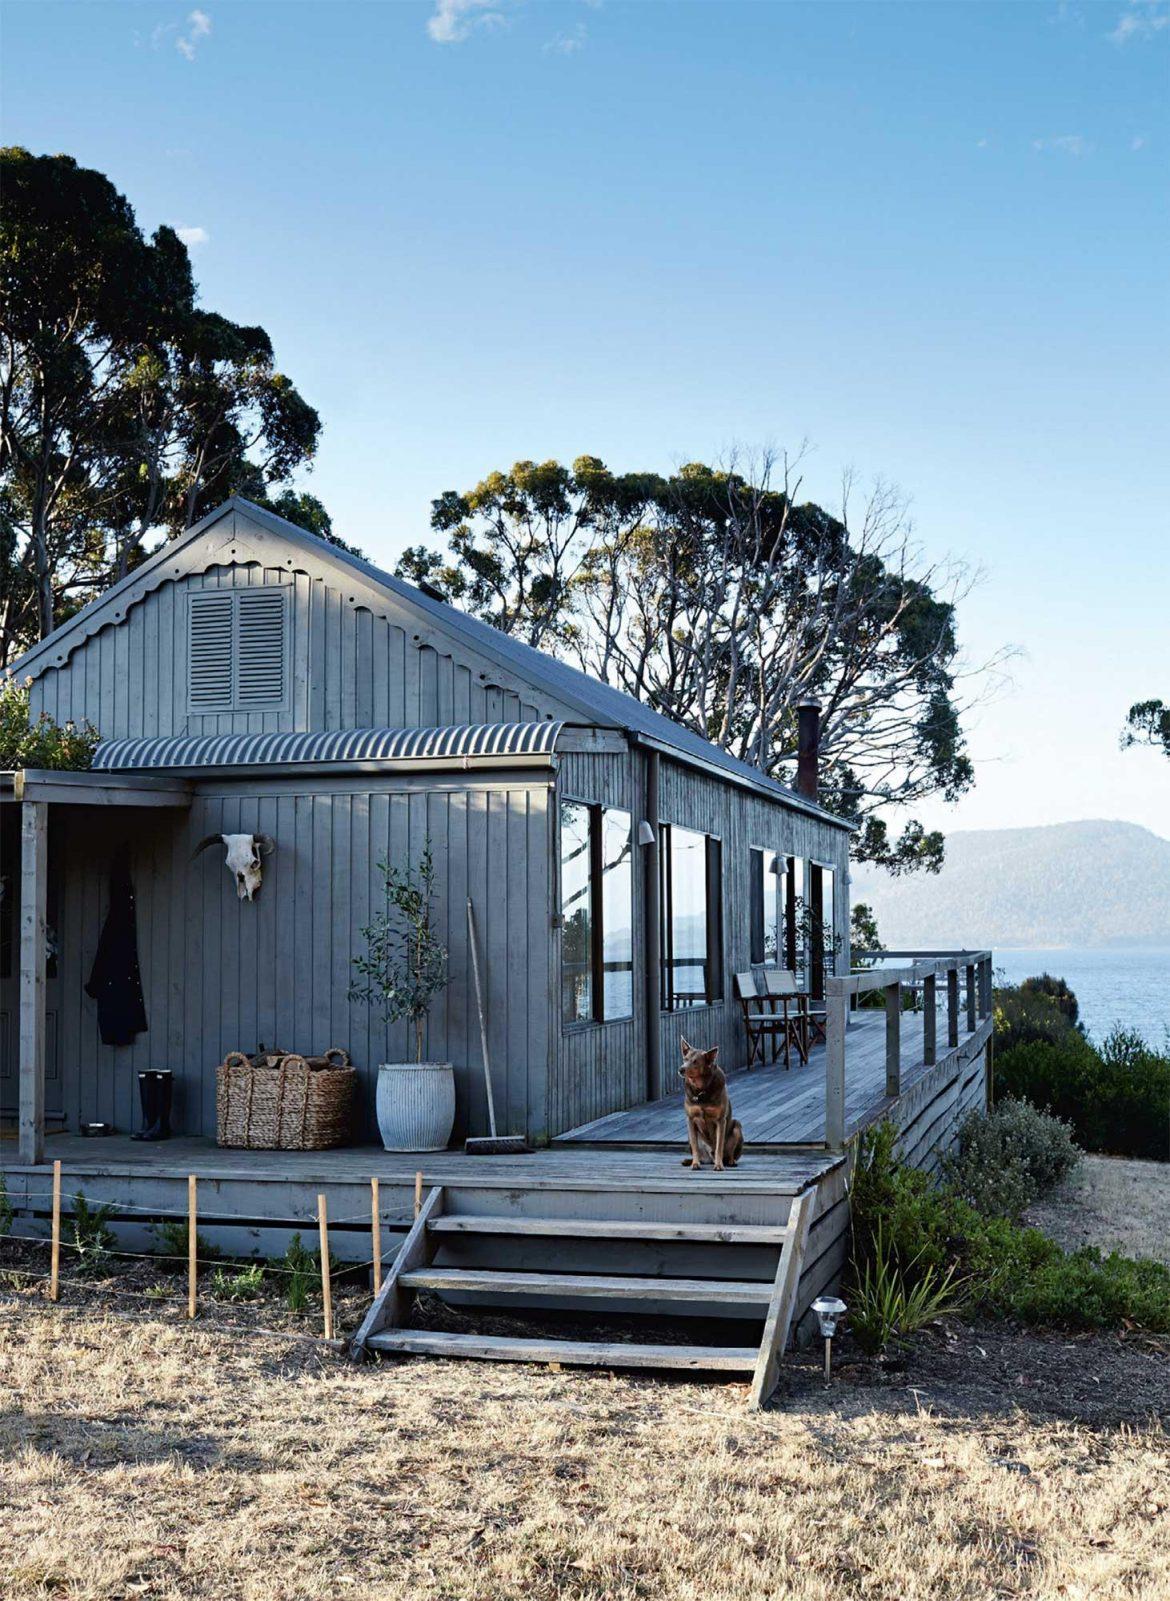 Une jolie maison avec vue sur la mer, sur une île de Tasmanie, en Australie. Découvrez les images de cet intérieur cosy dans l'article.